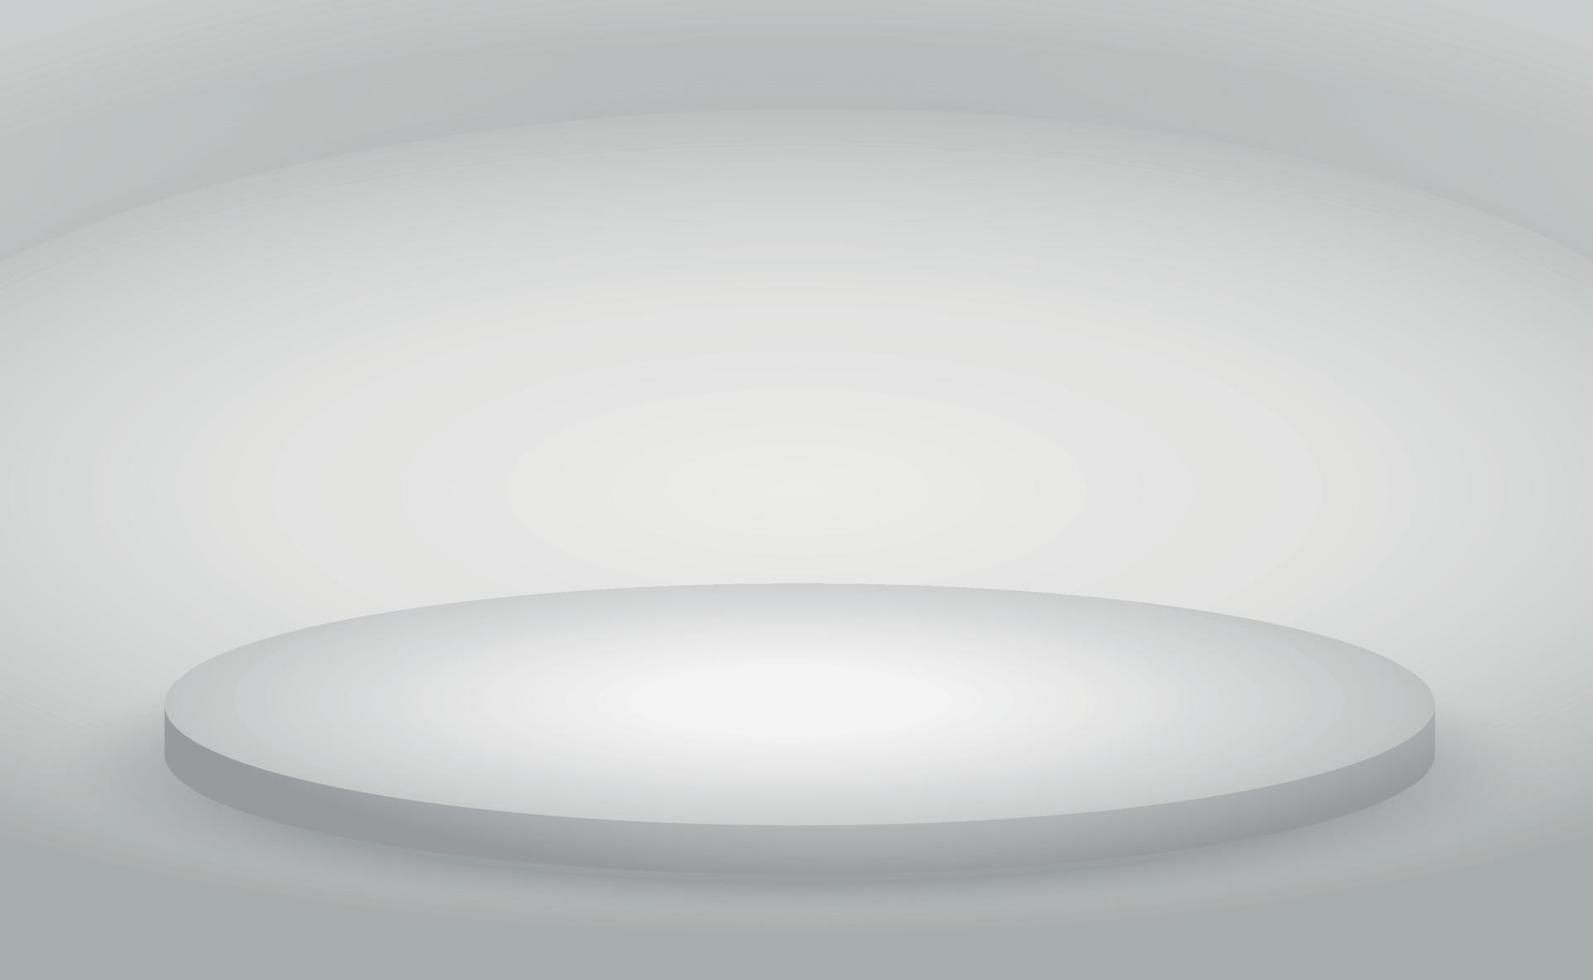 vit och grå rumsstudio för bakgrund - vektor